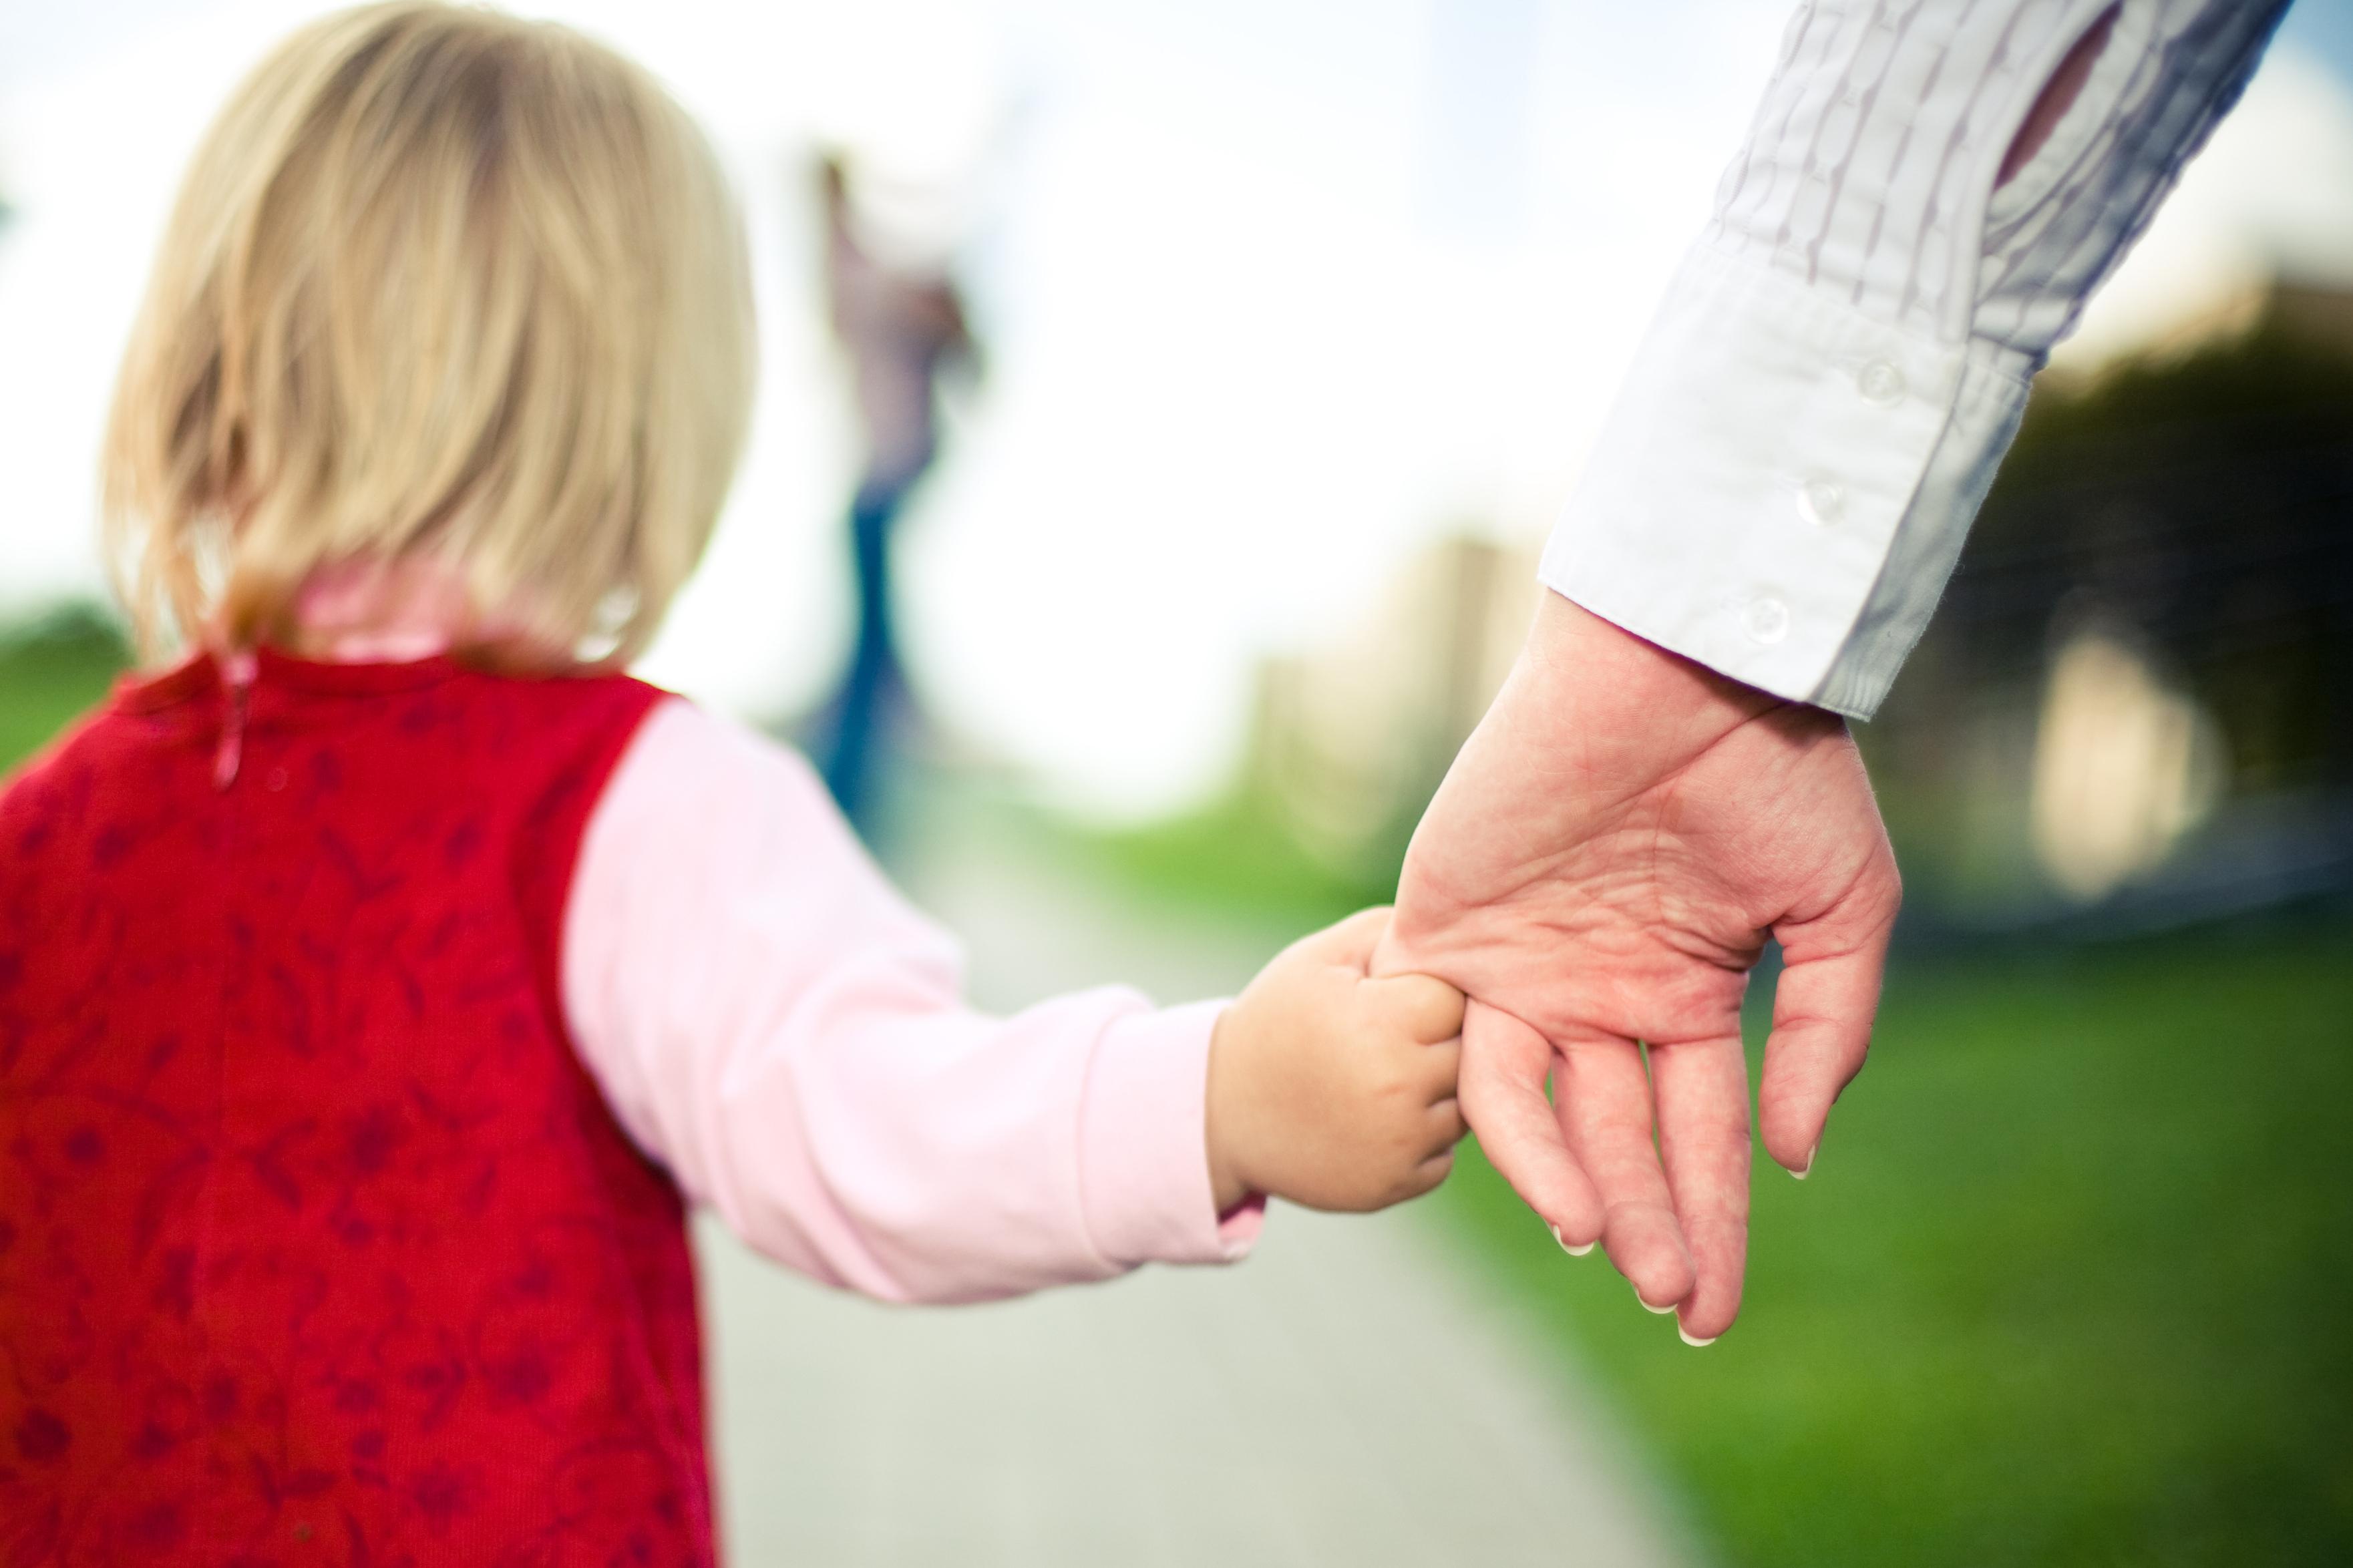 Νέα παράταση ΕΟΠΥΥ για τις συμβάσεις Ειδικής Αγωγής! Πως θα αποζημιώνονται οι γονείς